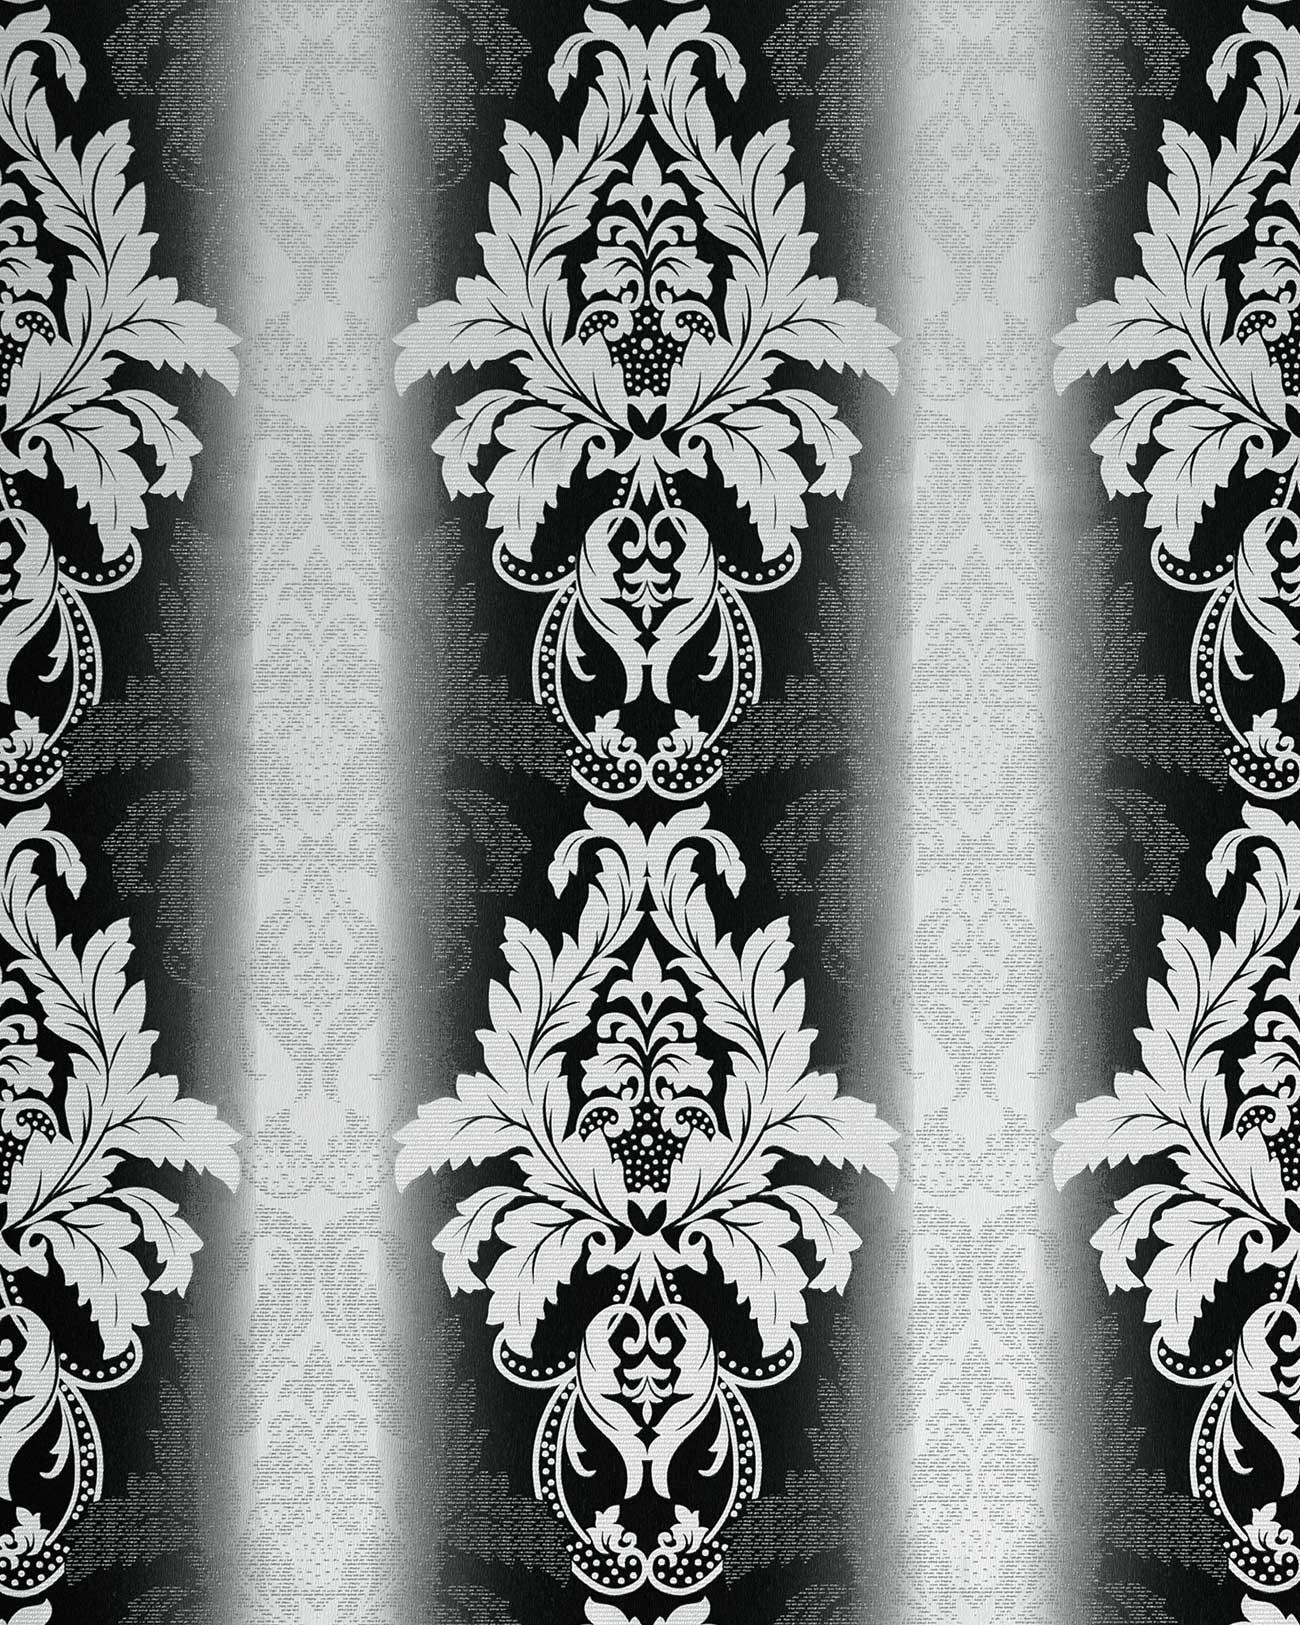 3D Barock Tapete Damask EDEM 770 30 Luxus Tapete Hochwertige 3D Brokat  Struktur Schwarz Weiß Anthrazit Silber